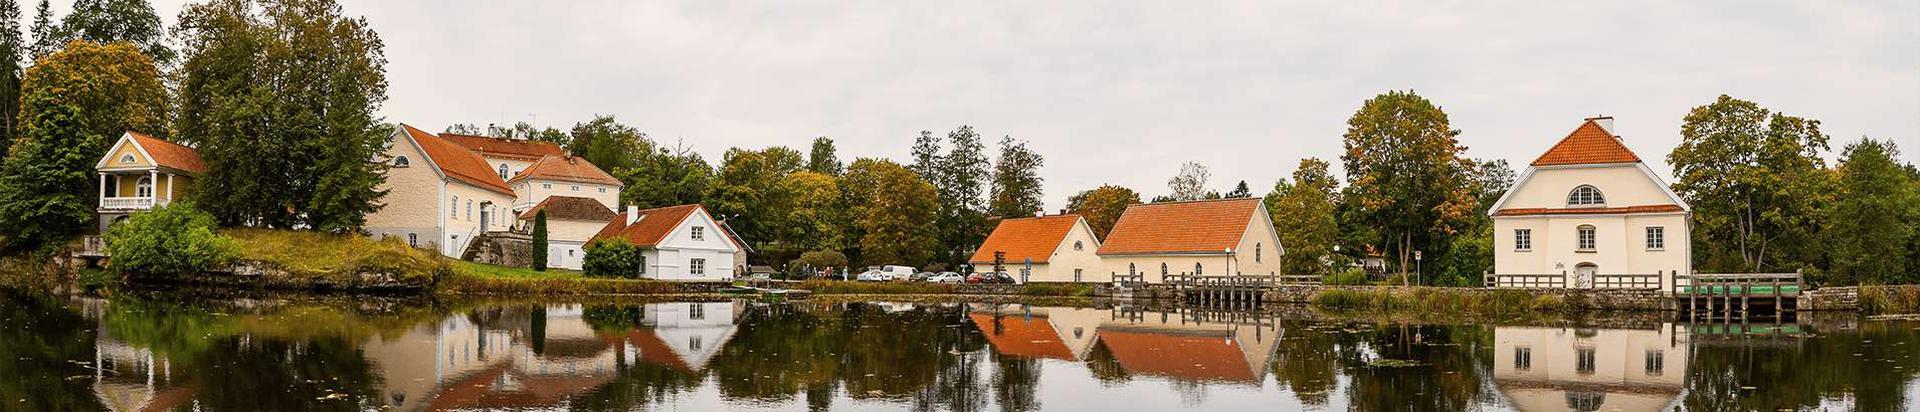 11481633_vihula-manor-hospitality-ou_52698892_xl.jpg